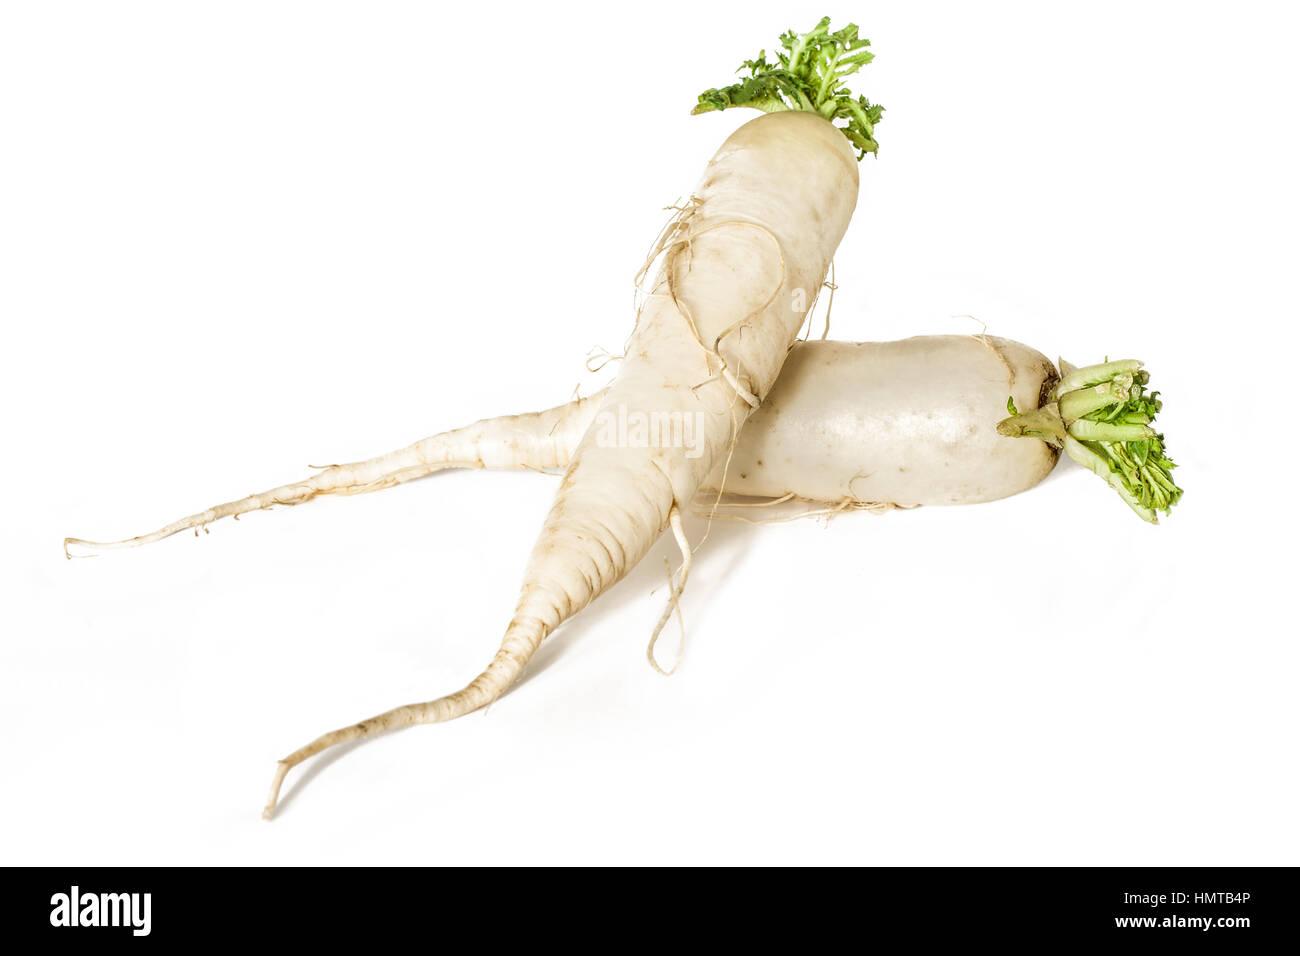 Raw Daikon radish isolated on white background. - Stock Image